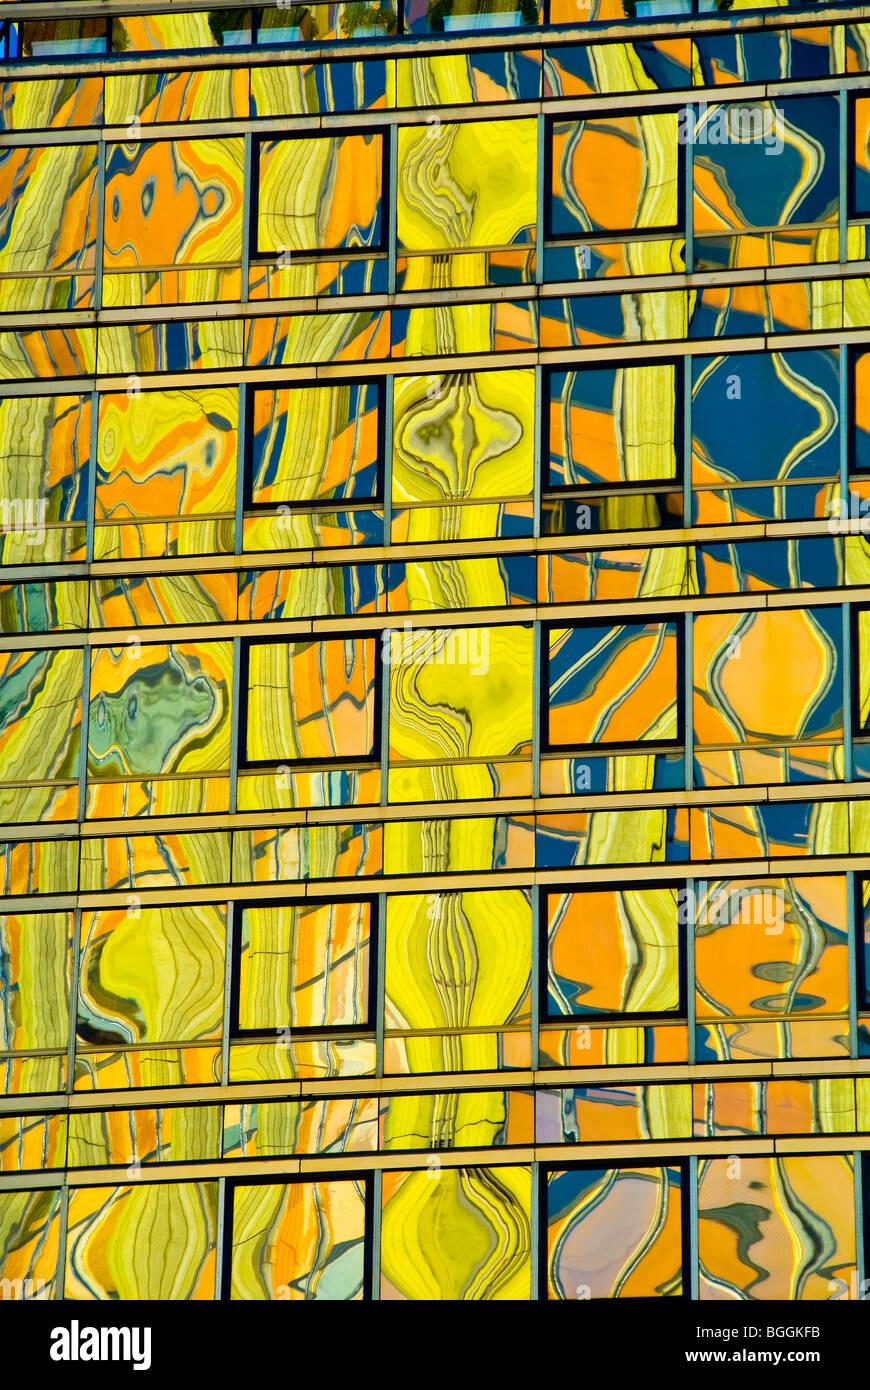 Farbige Reflexe in der Glasoberfläche eines Hochhauses in Buenos Aires, Argentinien Stockbild